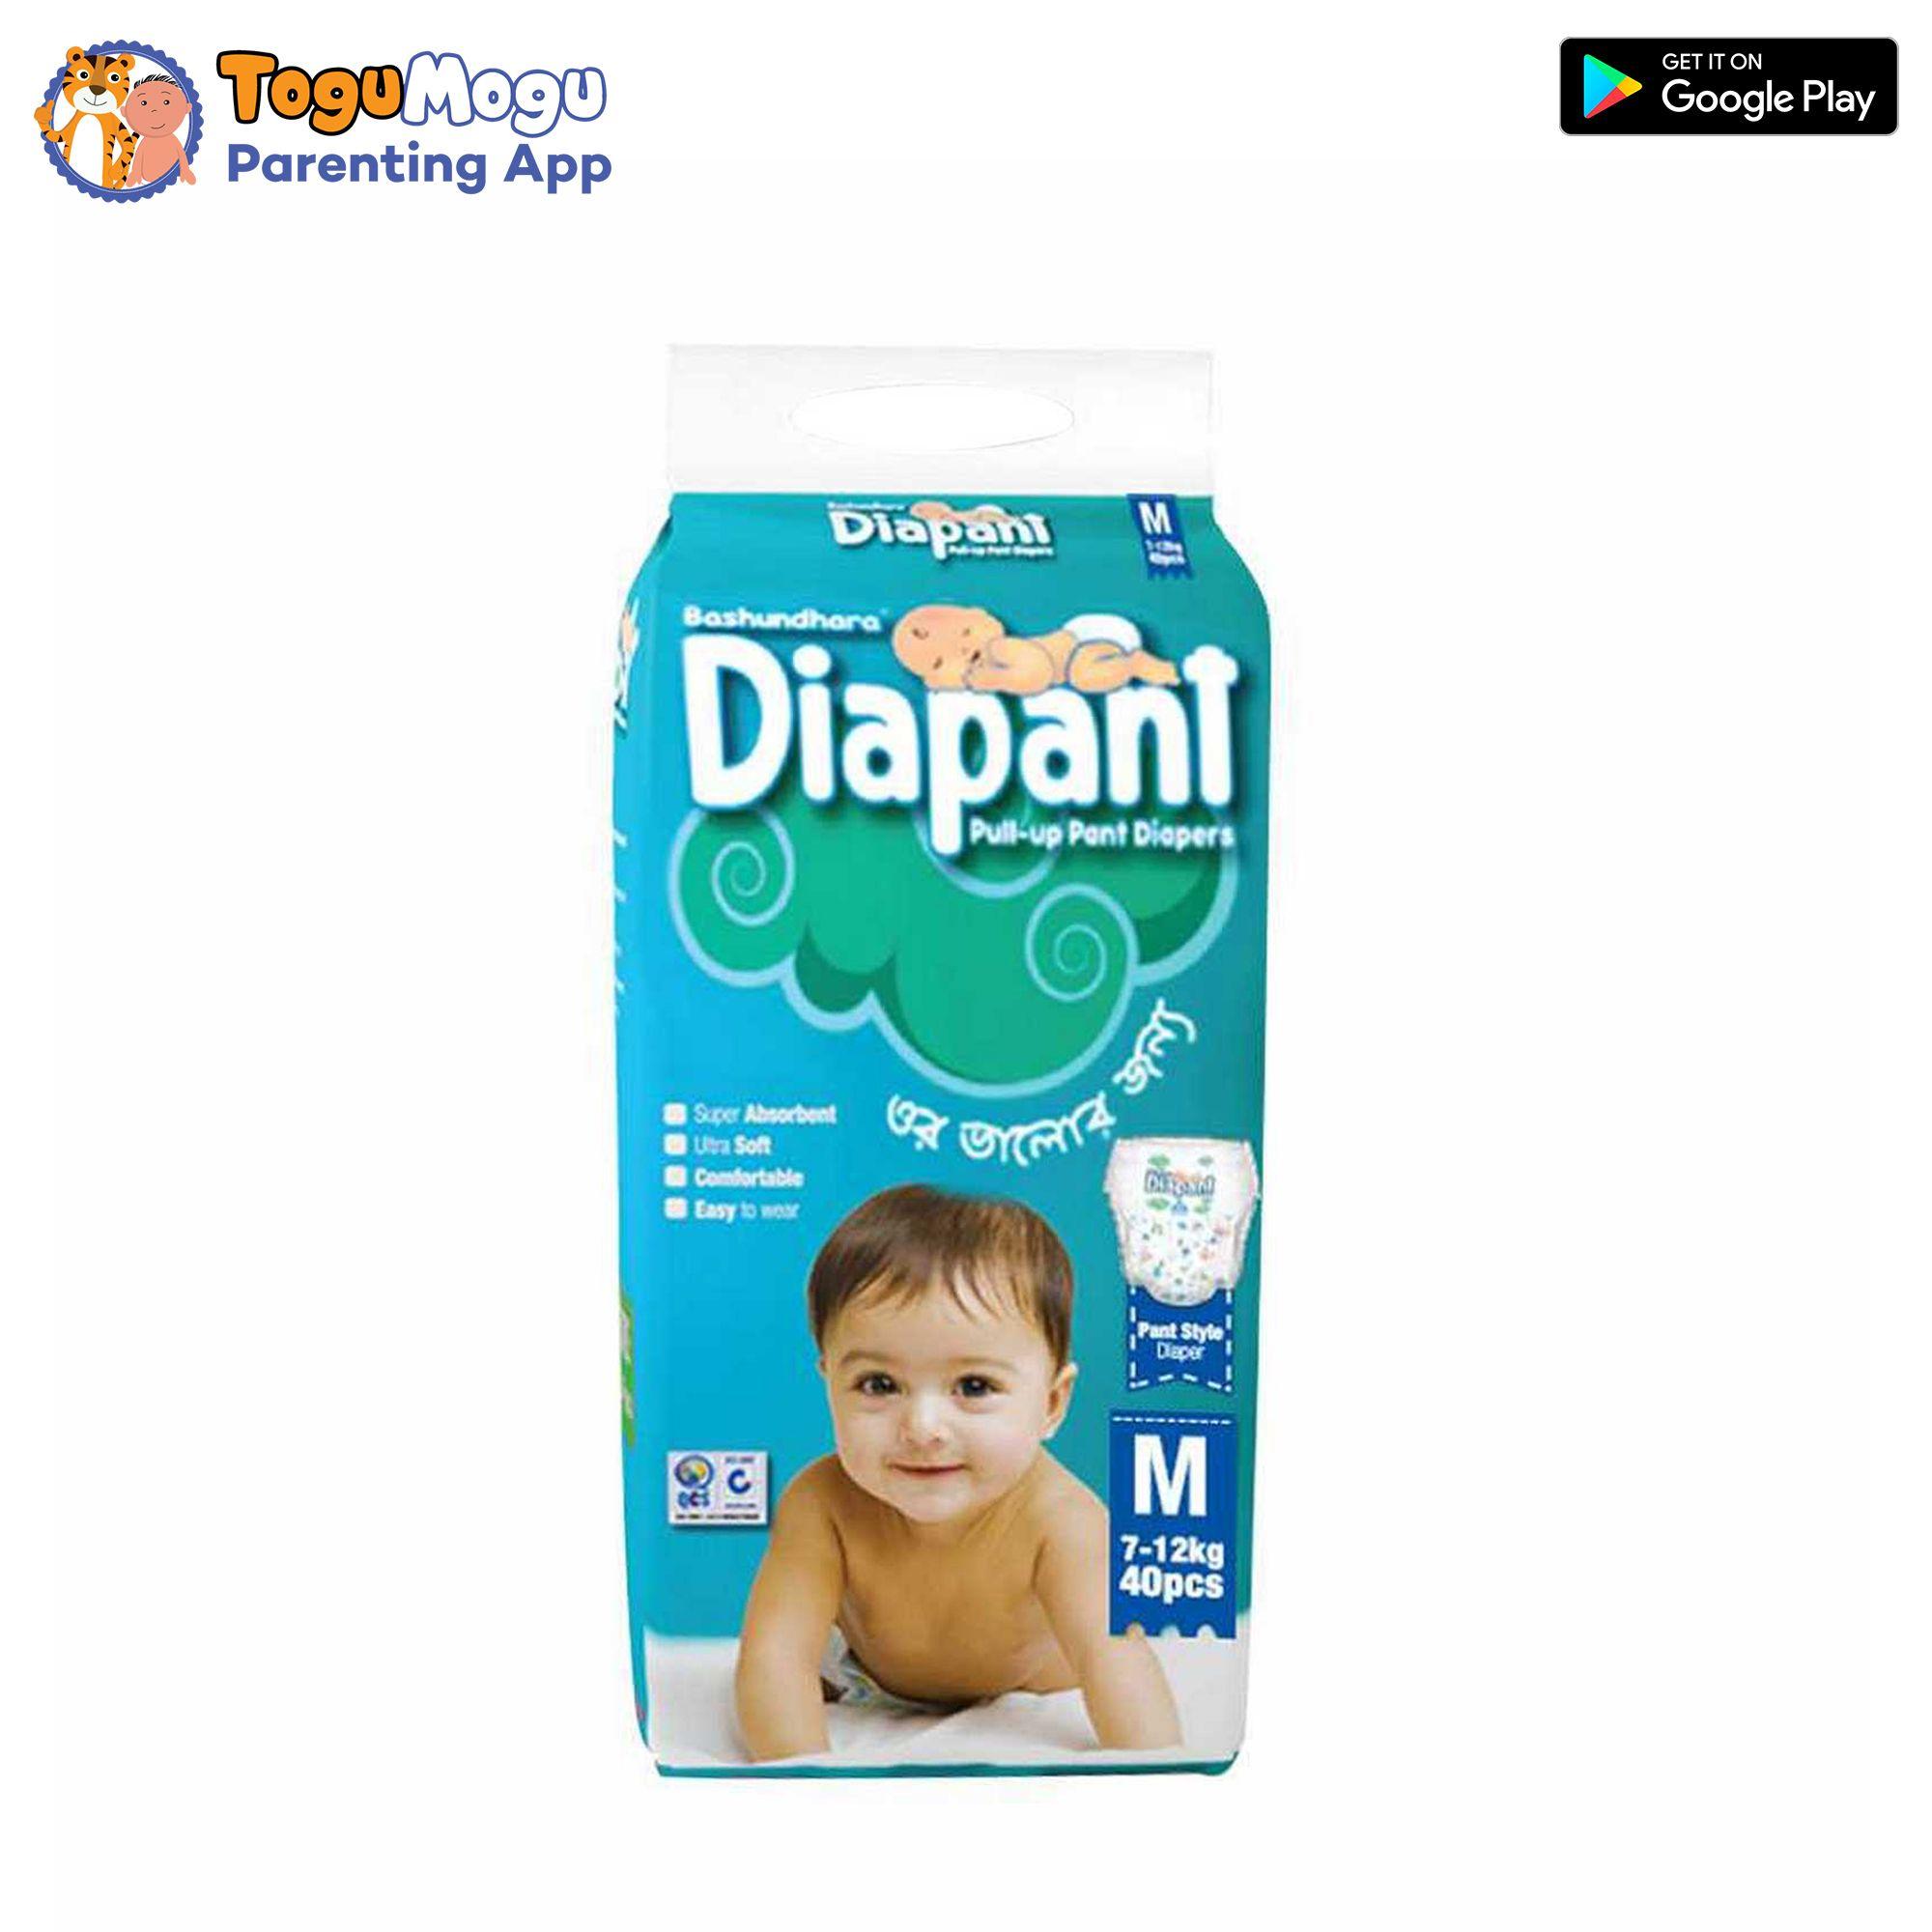 Bashundhara Diapant Baby Diaper M 7-12 kg 40 pcs